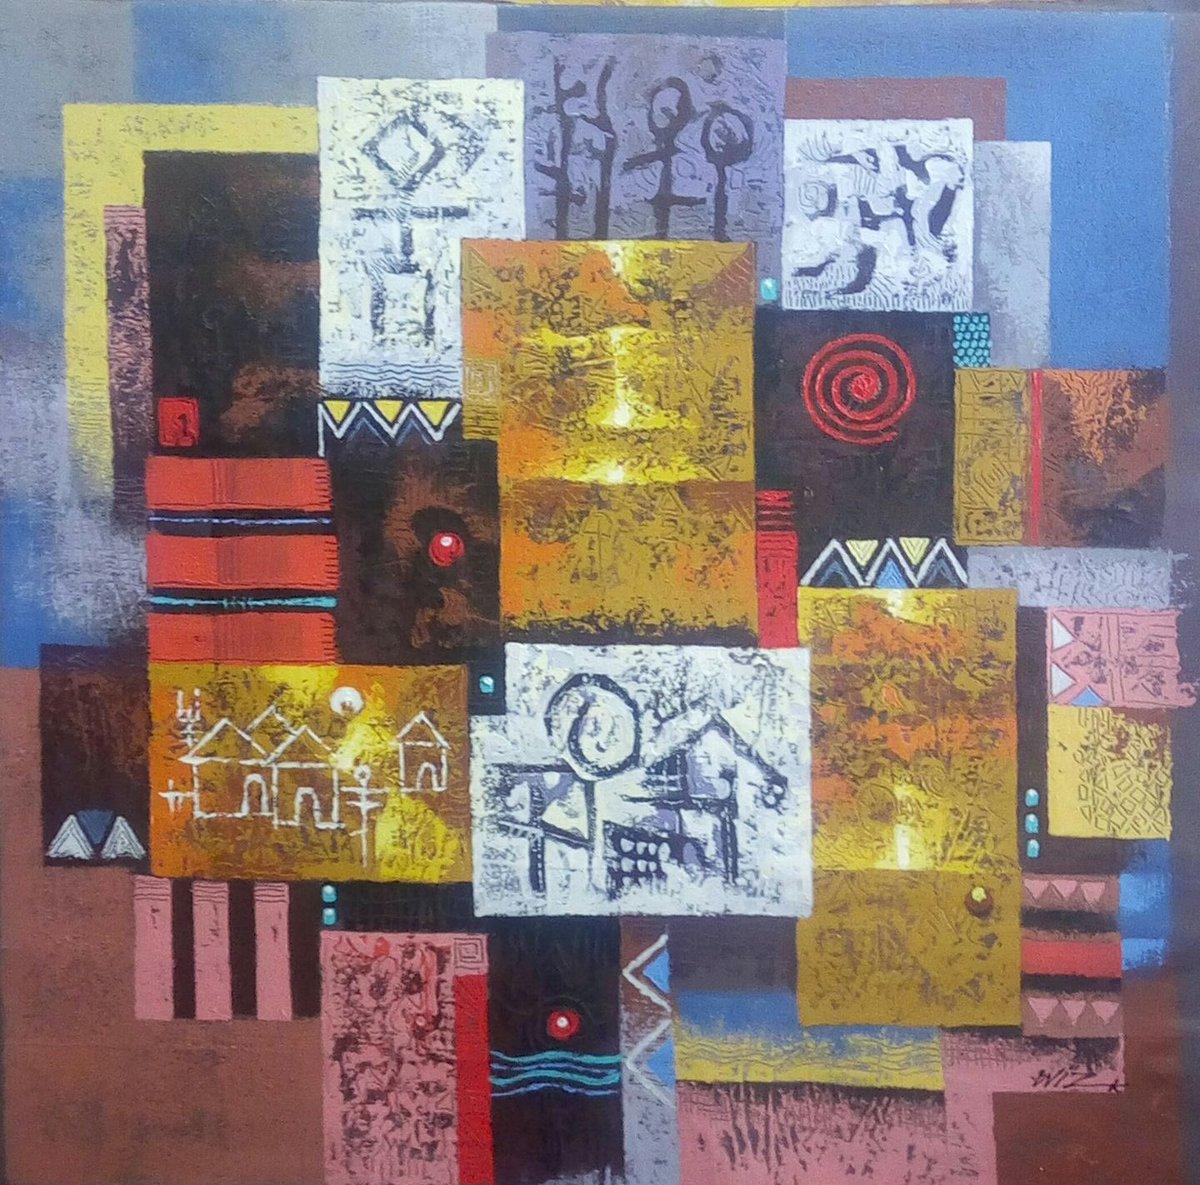 Yoro On Twitter Wiz Kudowor Artiste Peintre Ghana Quand L Art